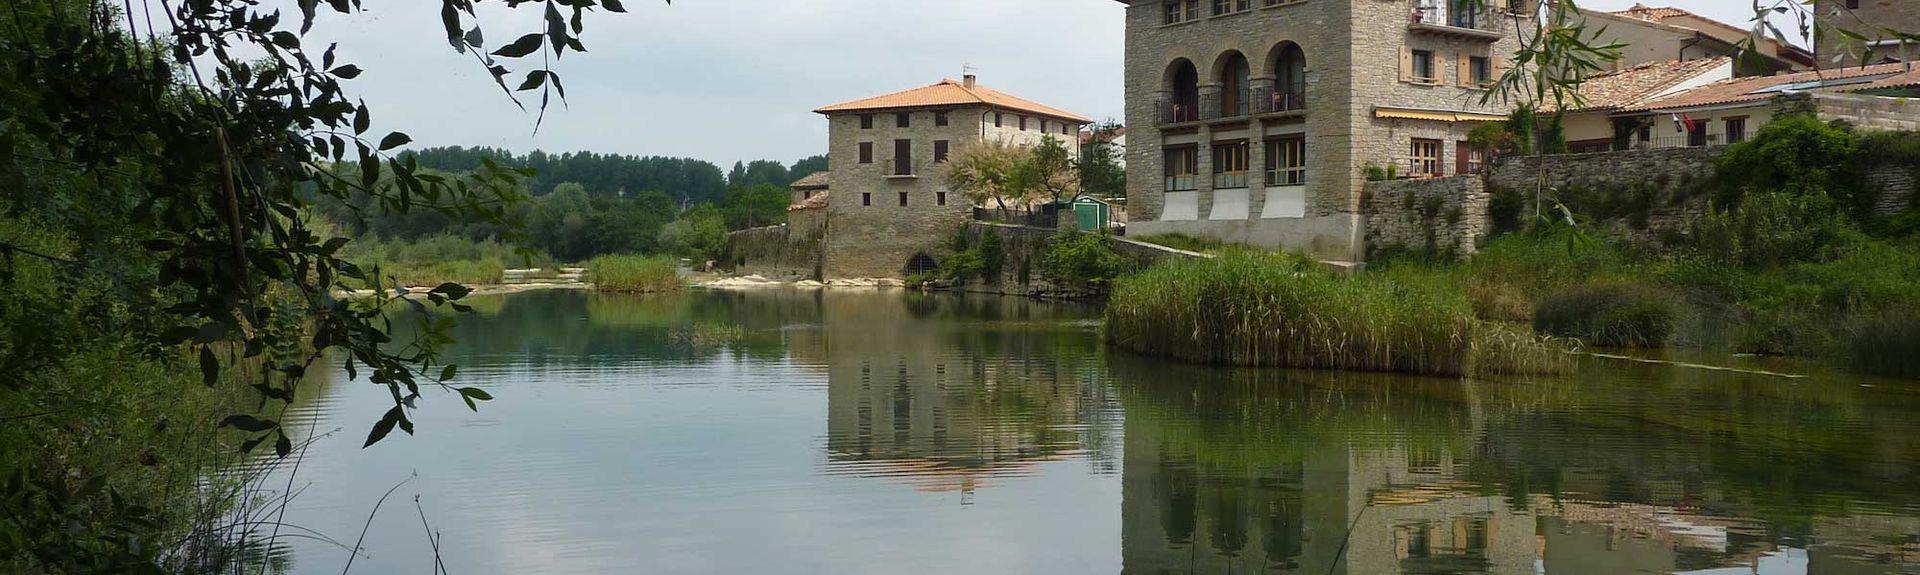 Guesálaz - Gesalatz, Navarre, Spain